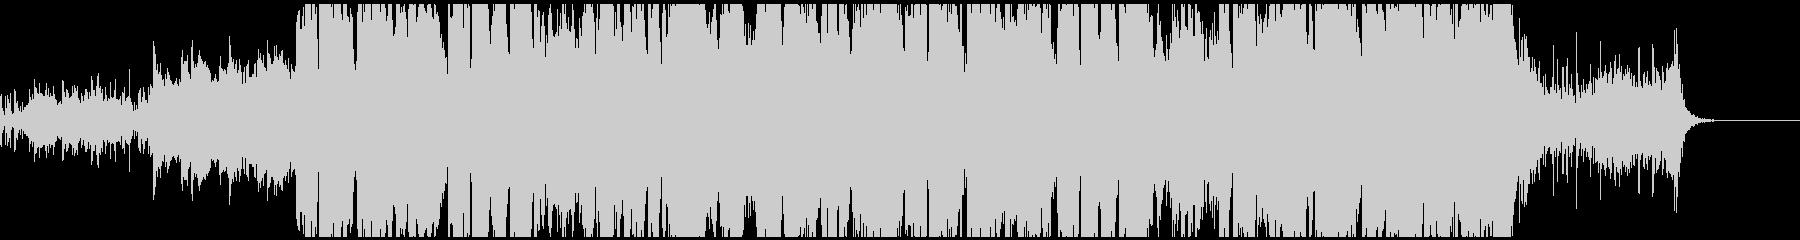 アコーディオンがメインの希望に溢れる曲の未再生の波形